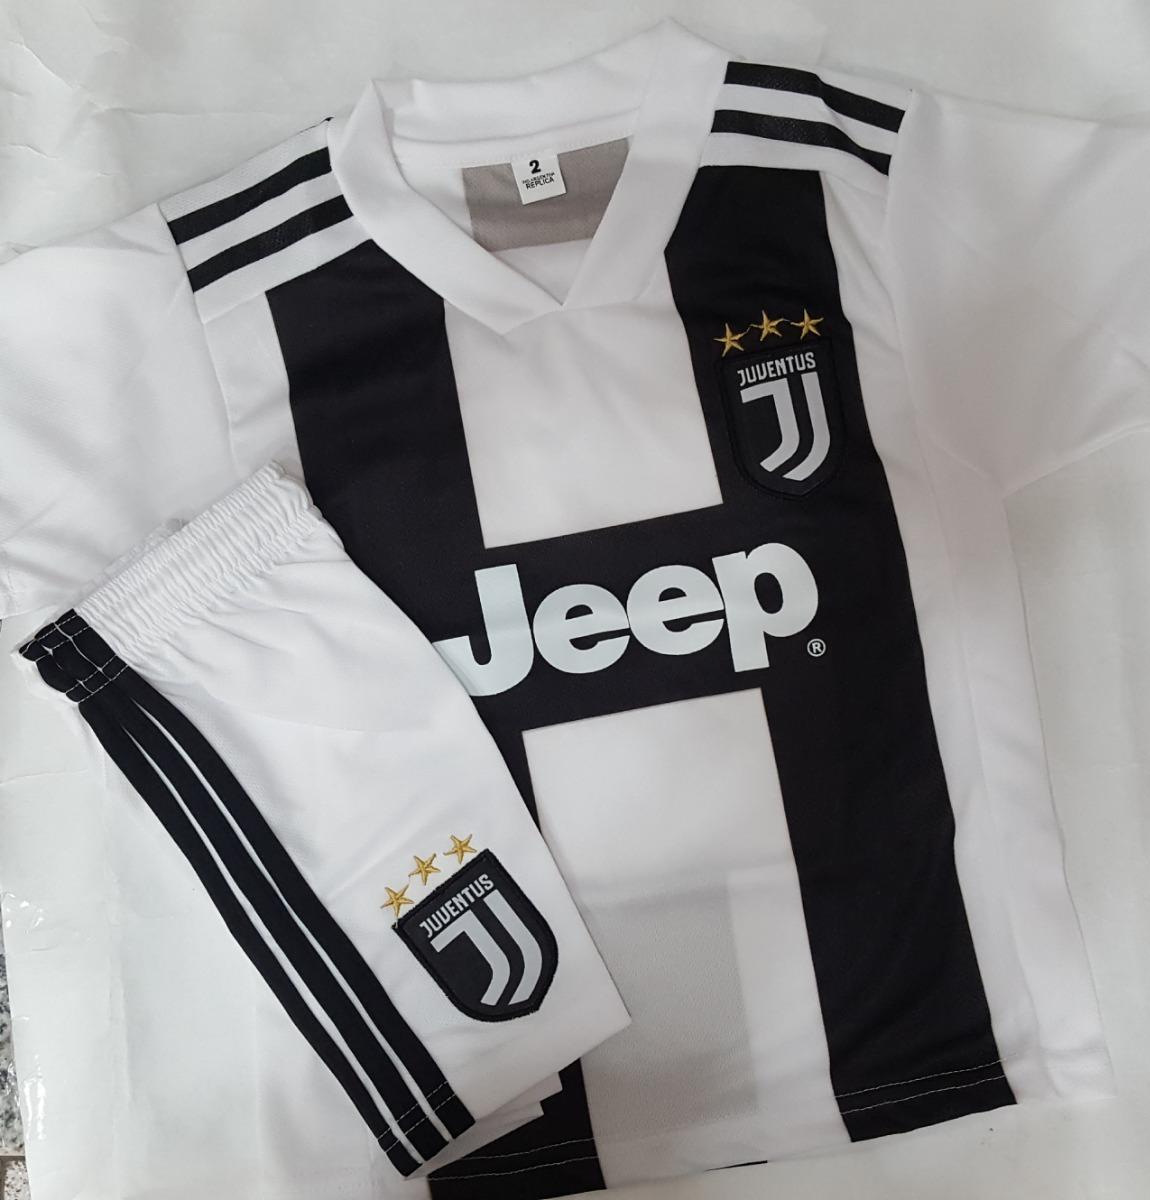 da19661566 conjunto juventus temporada 2018-2019 camiseta y short. Cargando zoom.